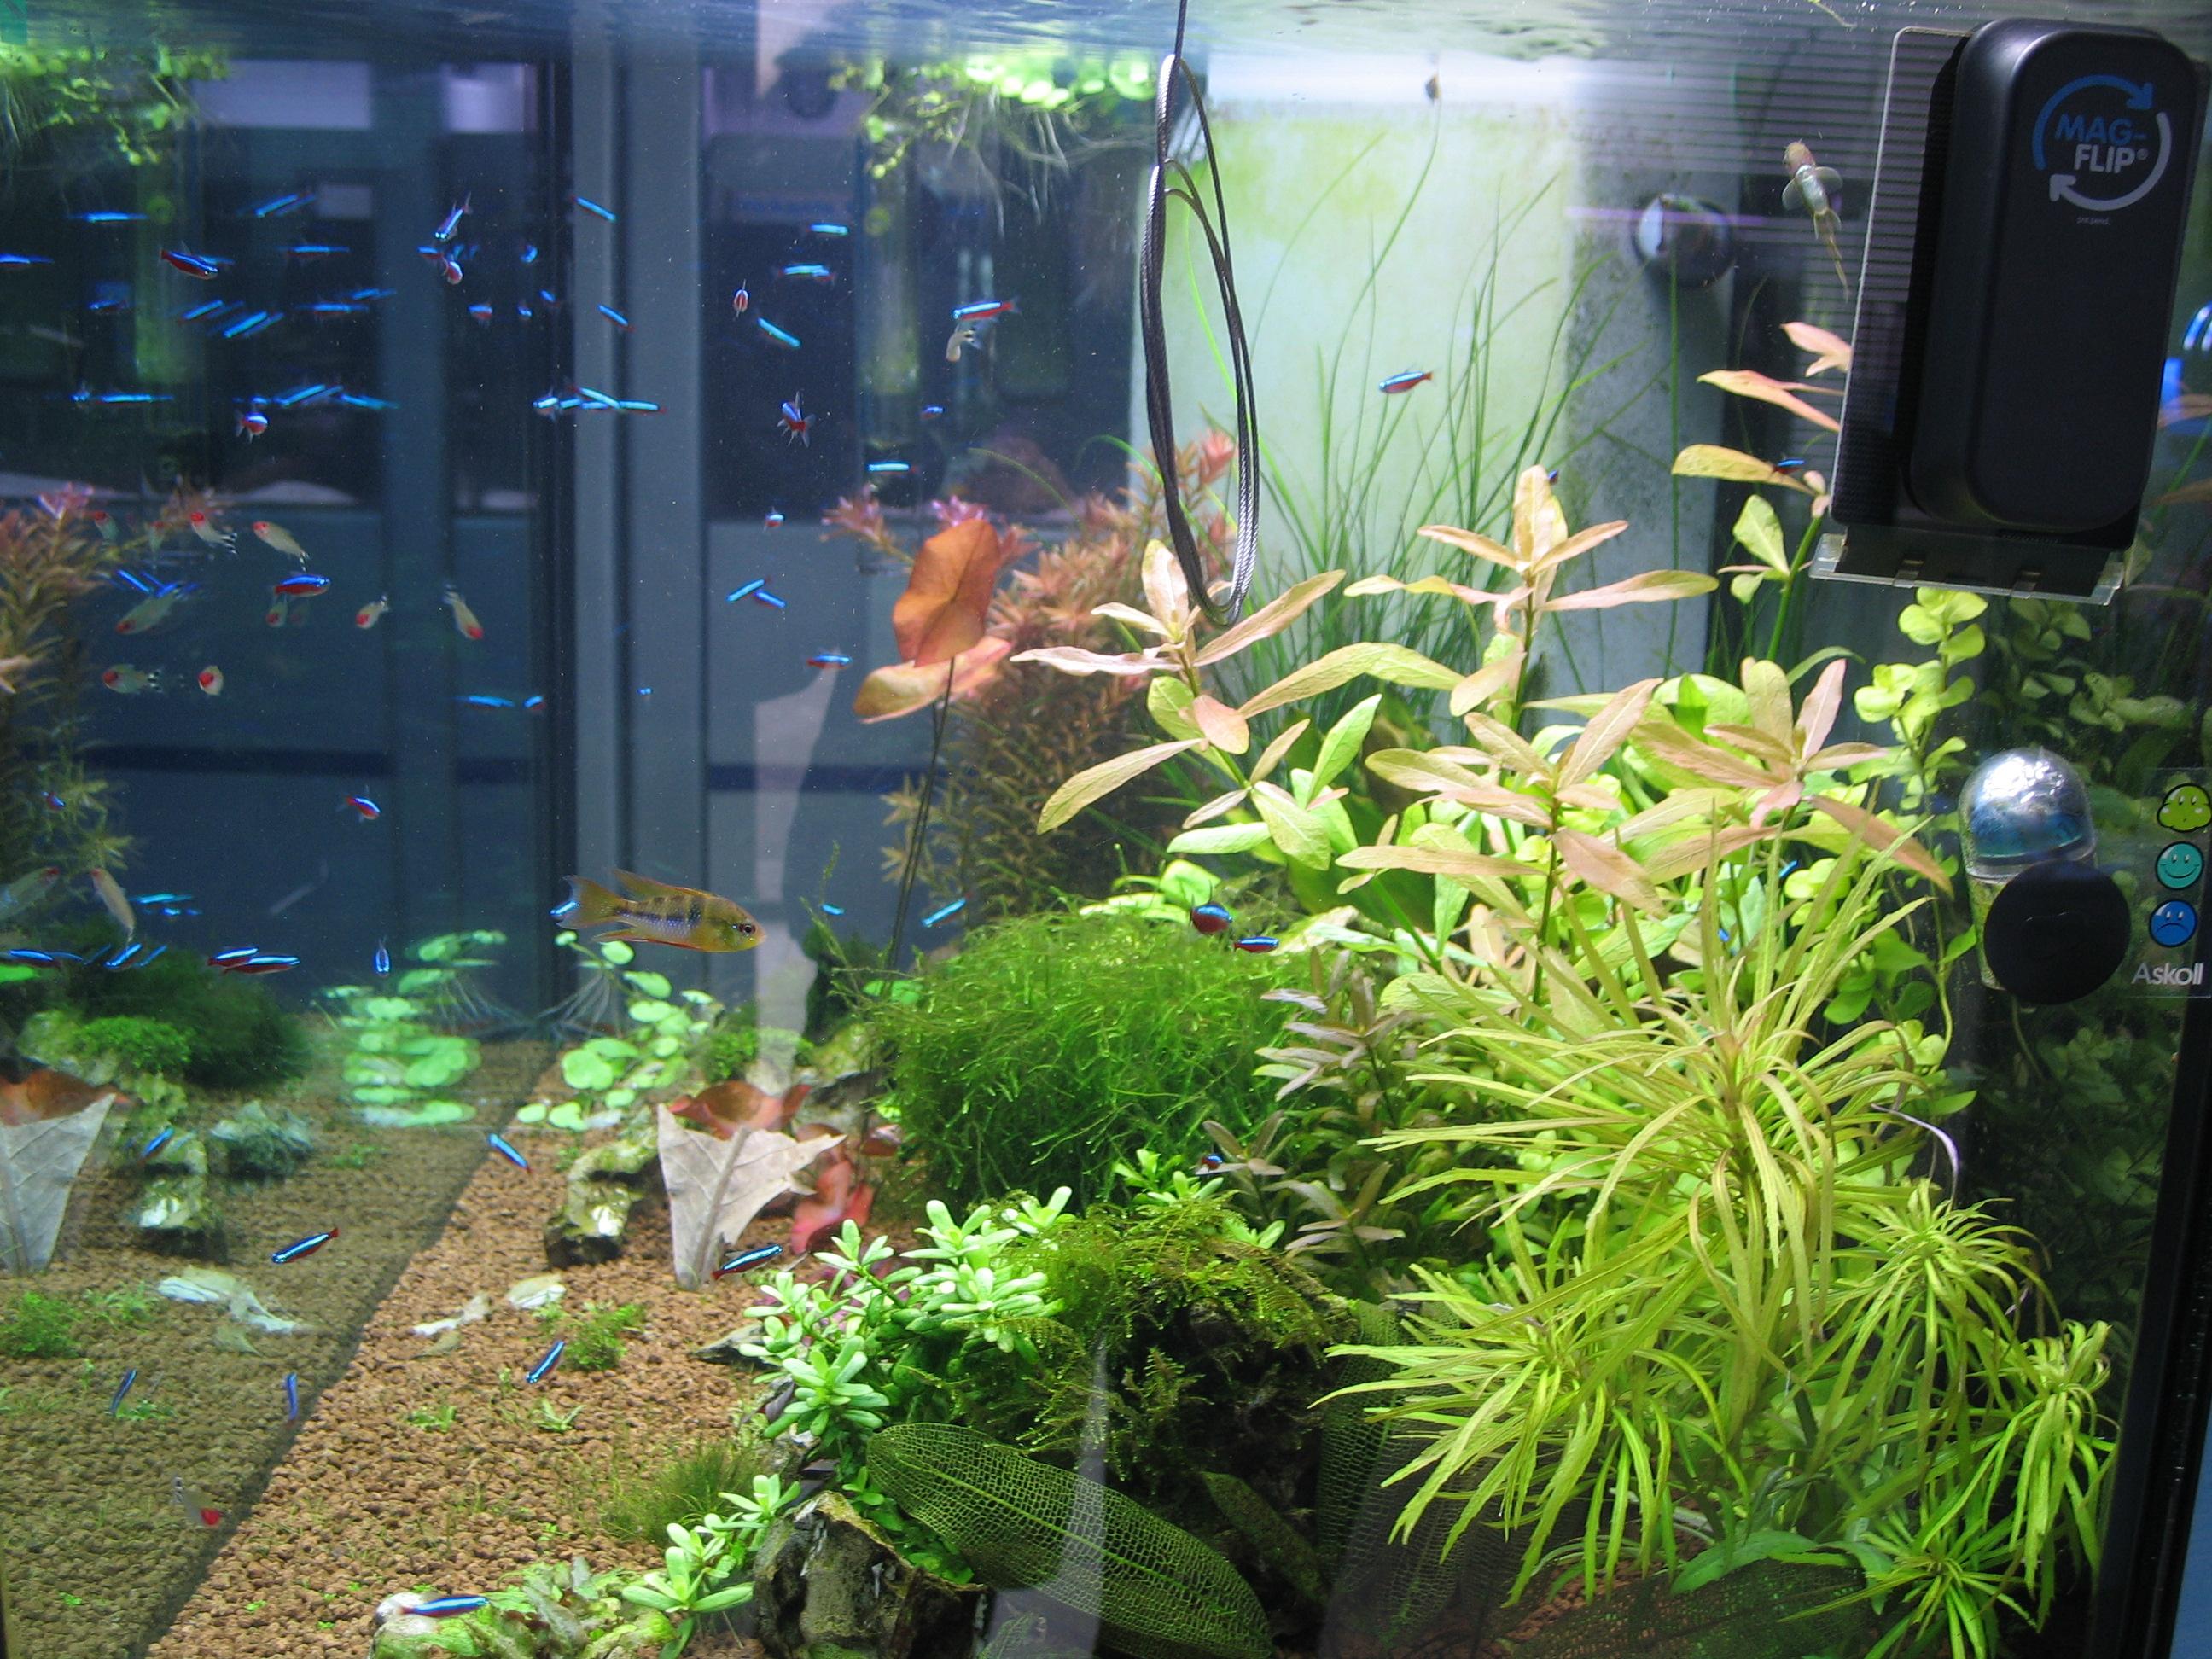 Afp acquari acquari piante e pesci tropicali ascom pesaro for Pesci tropicali acqua dolce